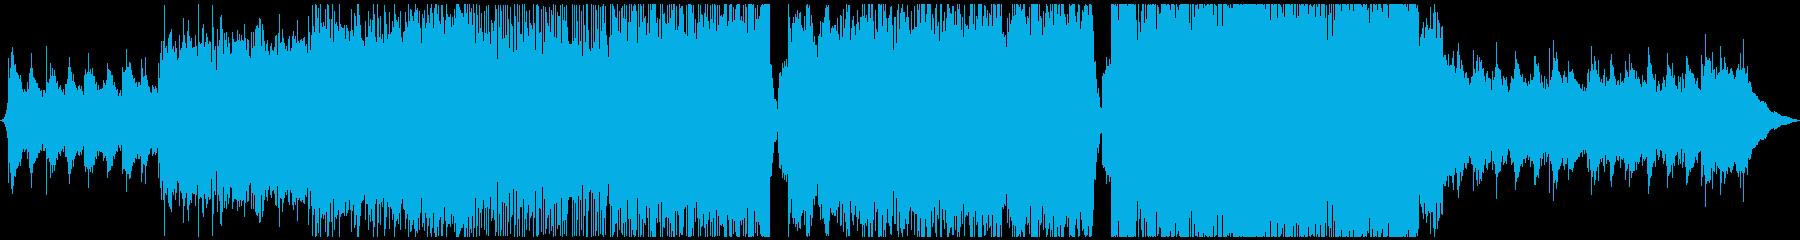 ストリングスの艶やかな劇伴ドラマ系音楽の再生済みの波形